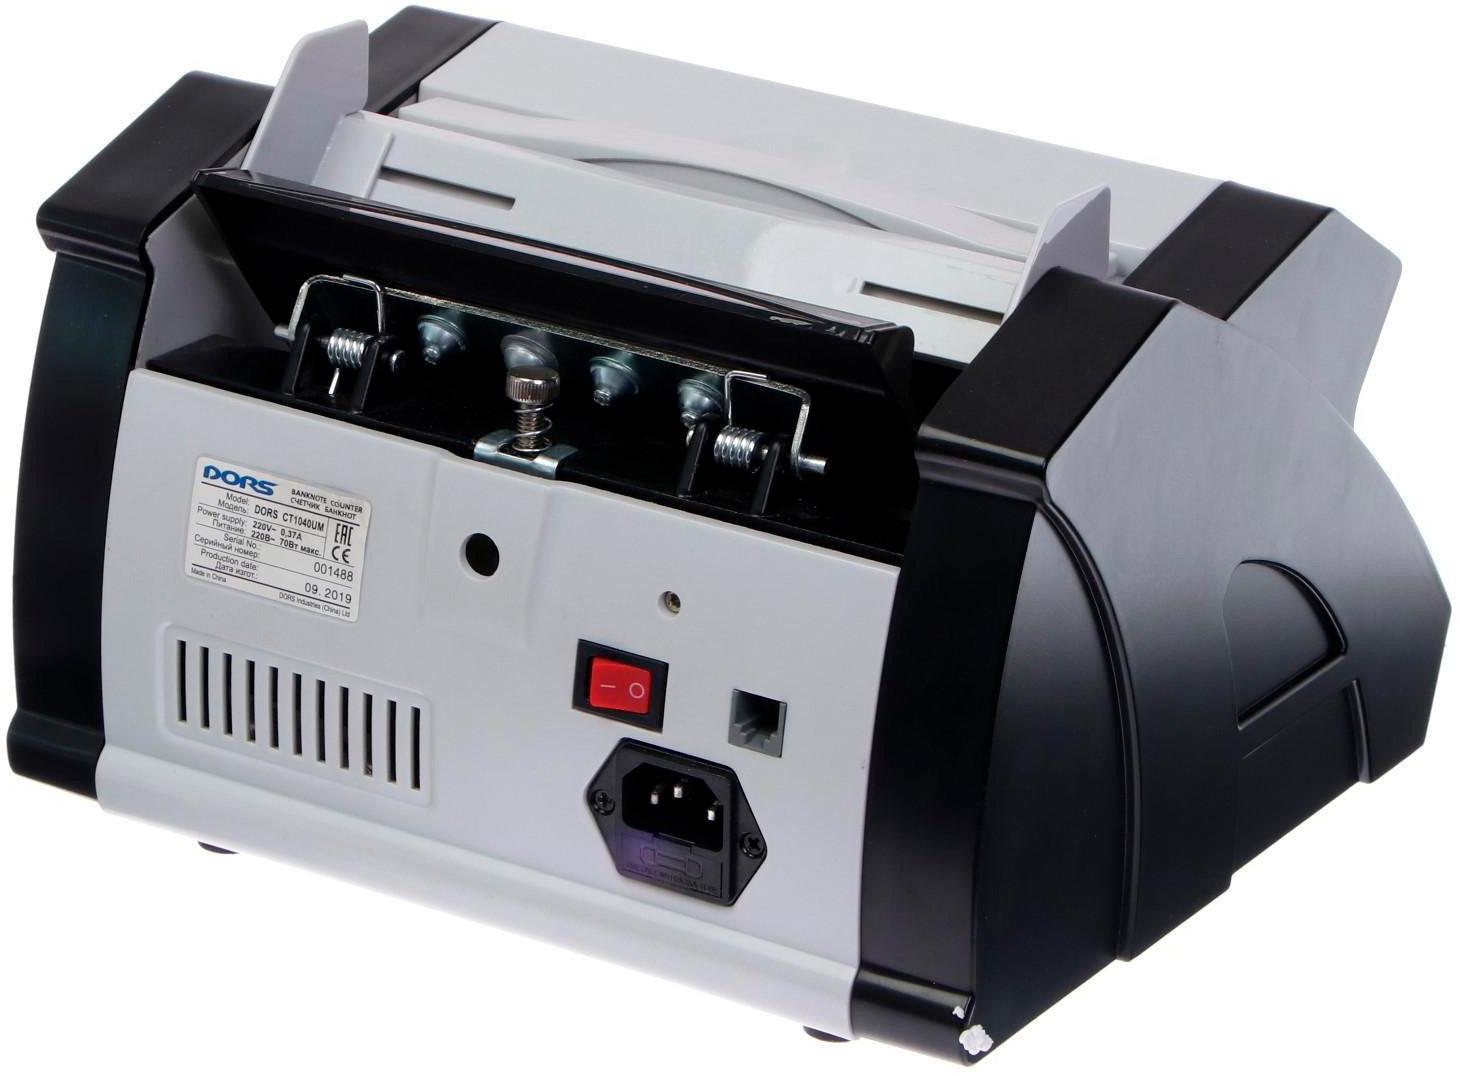 Счетчик банкнот CT1040UМ, Офисный, черн. DORS - фото 4